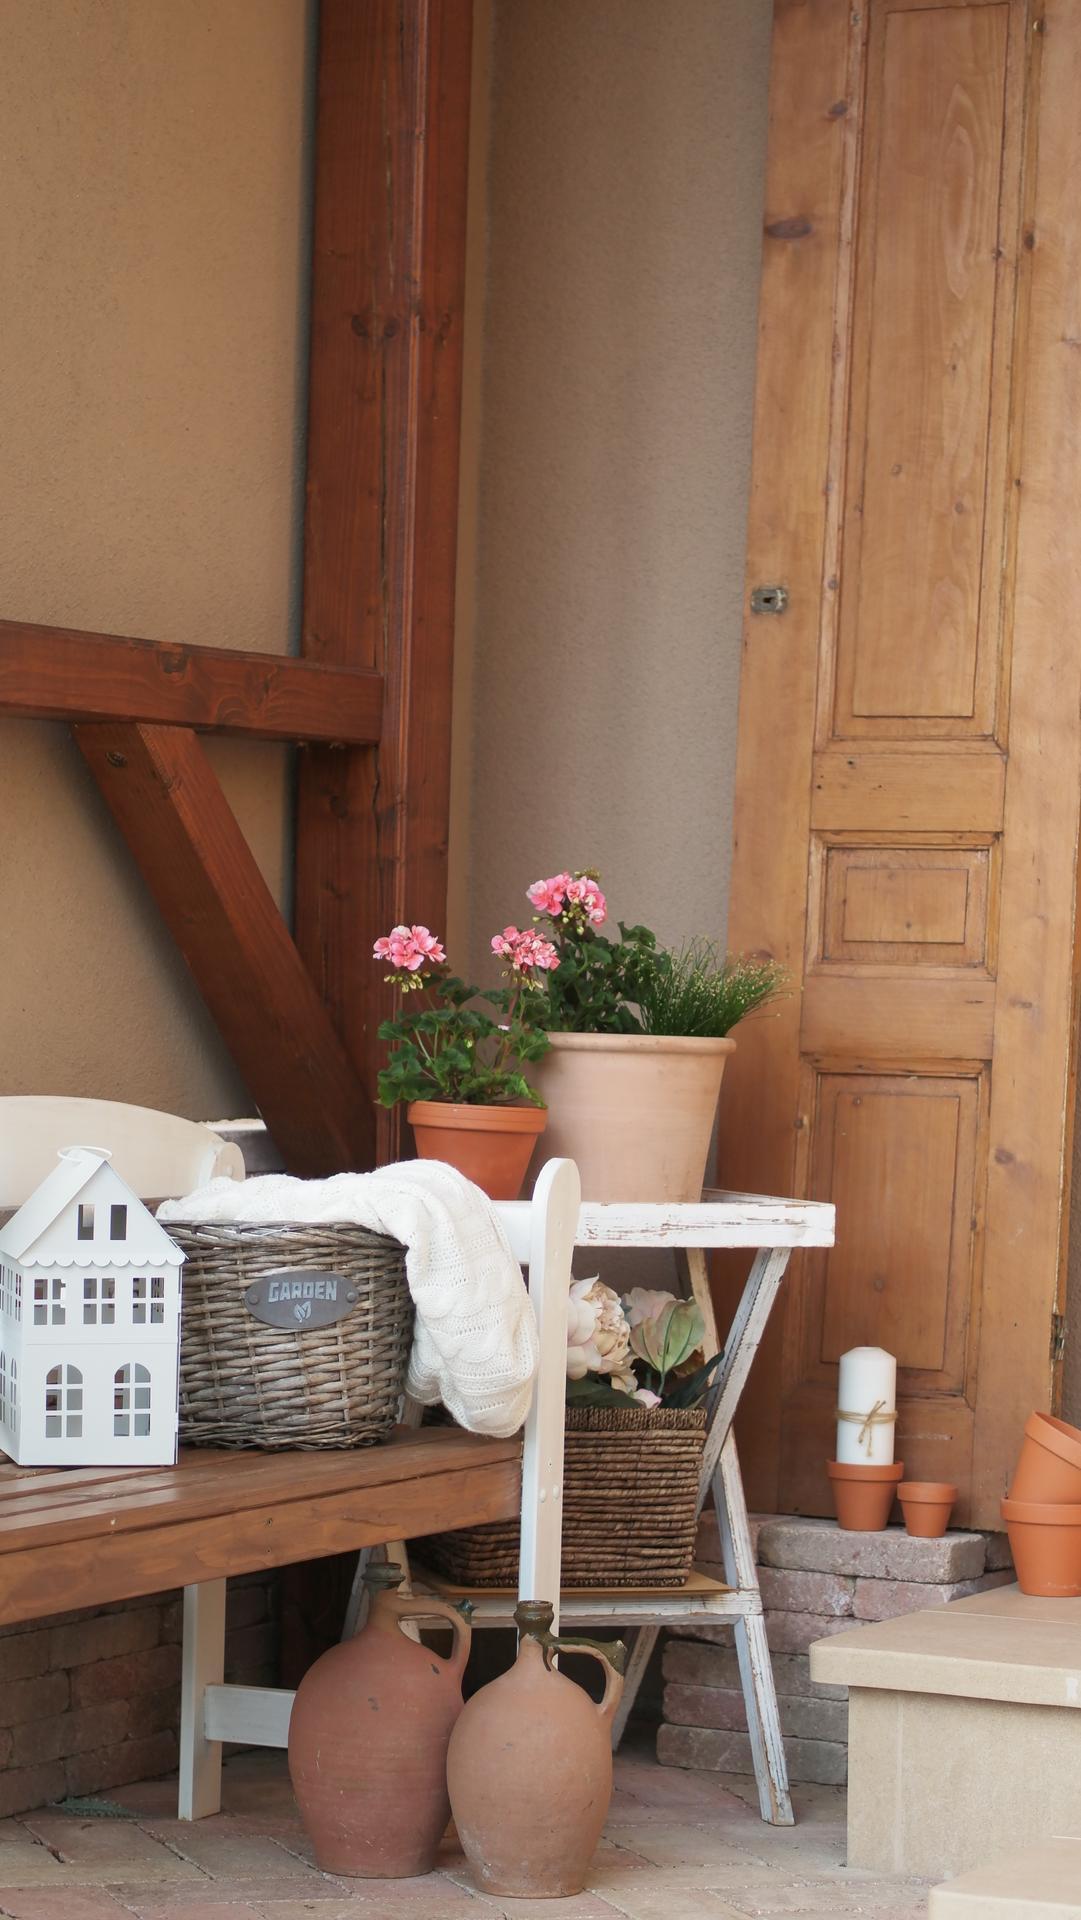 Náš domček ♡ Bramasole ♡ ... Stilo interiér aj exteriér 4. rok bývania - Obrázok č. 80